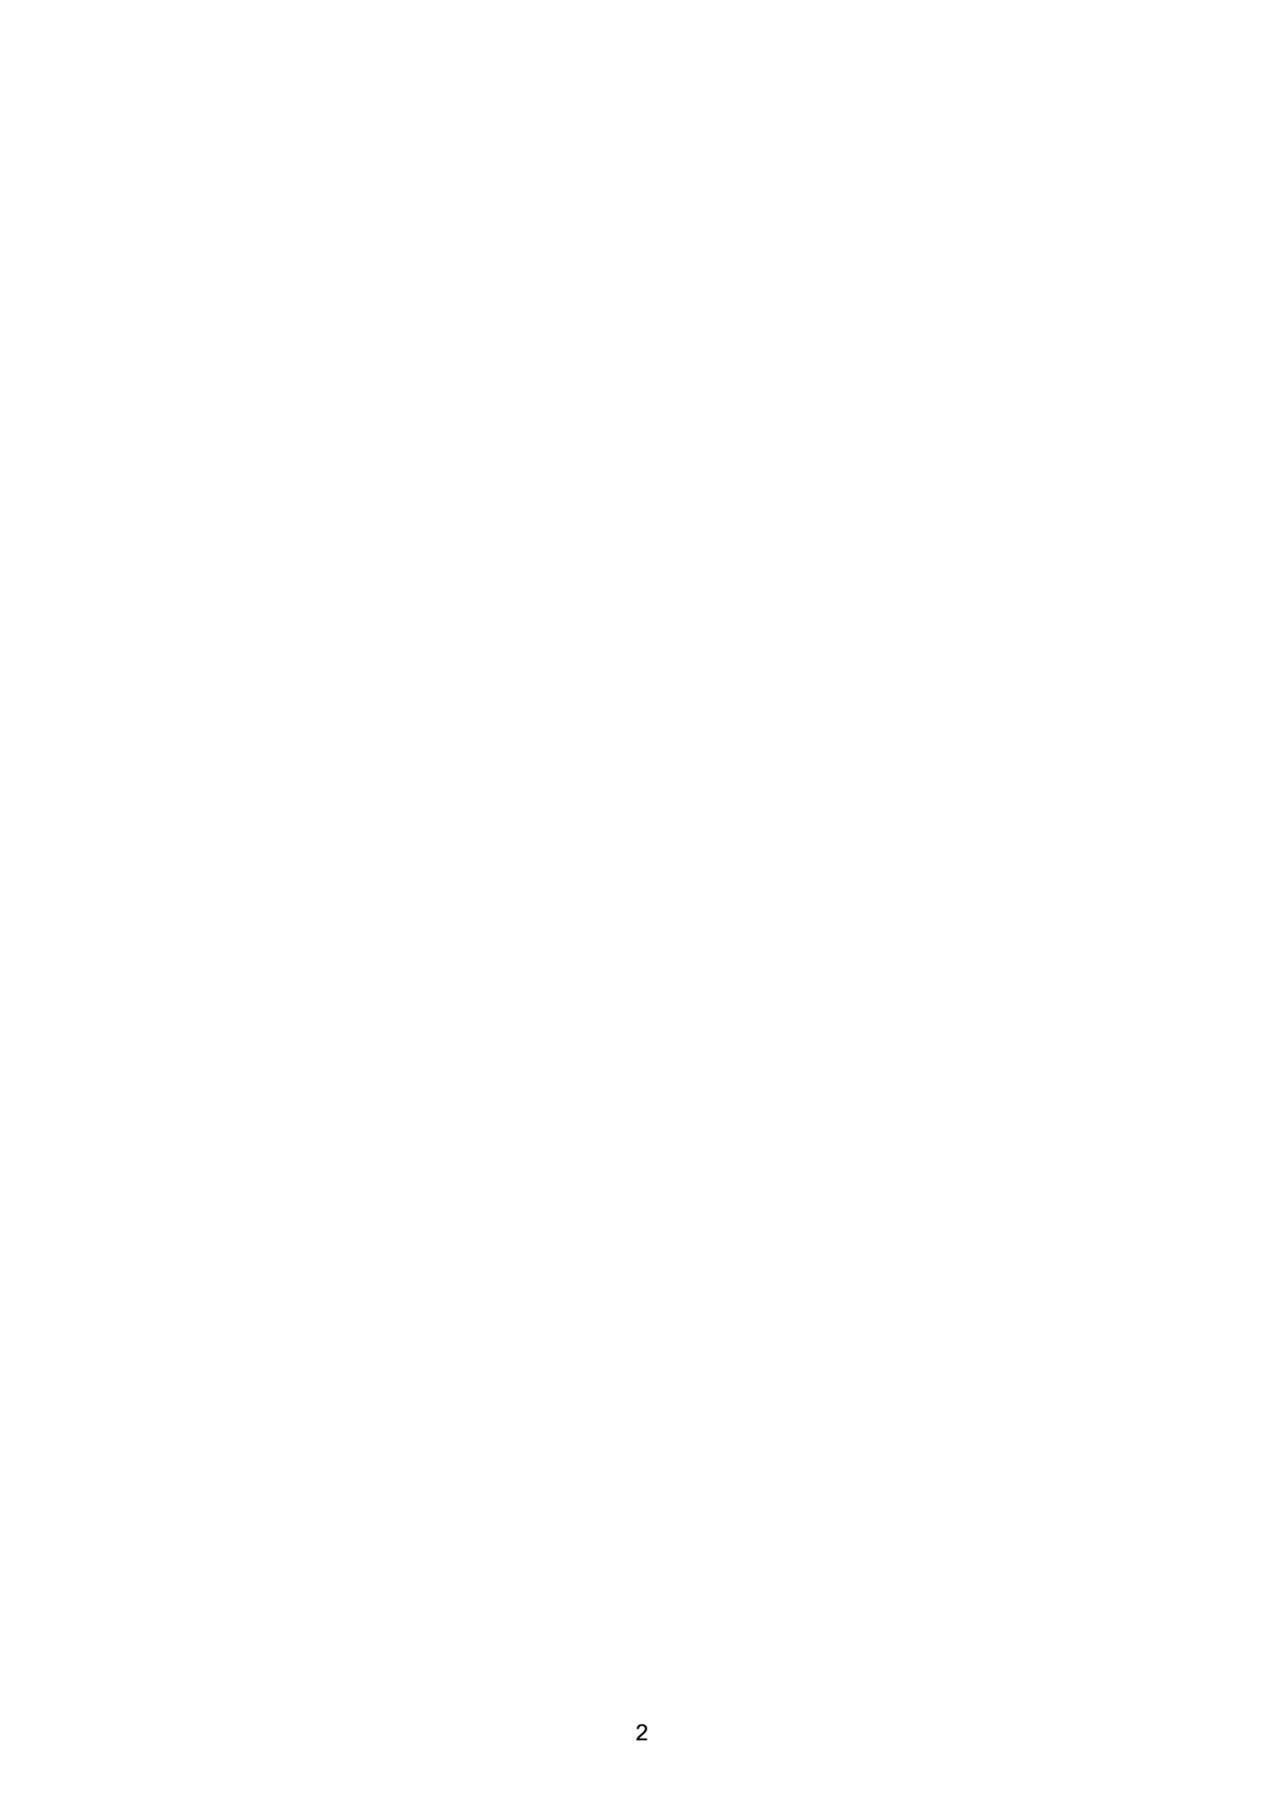 Idol Saiin Rakuen VR CASE3 Kurosawa Shimai 3